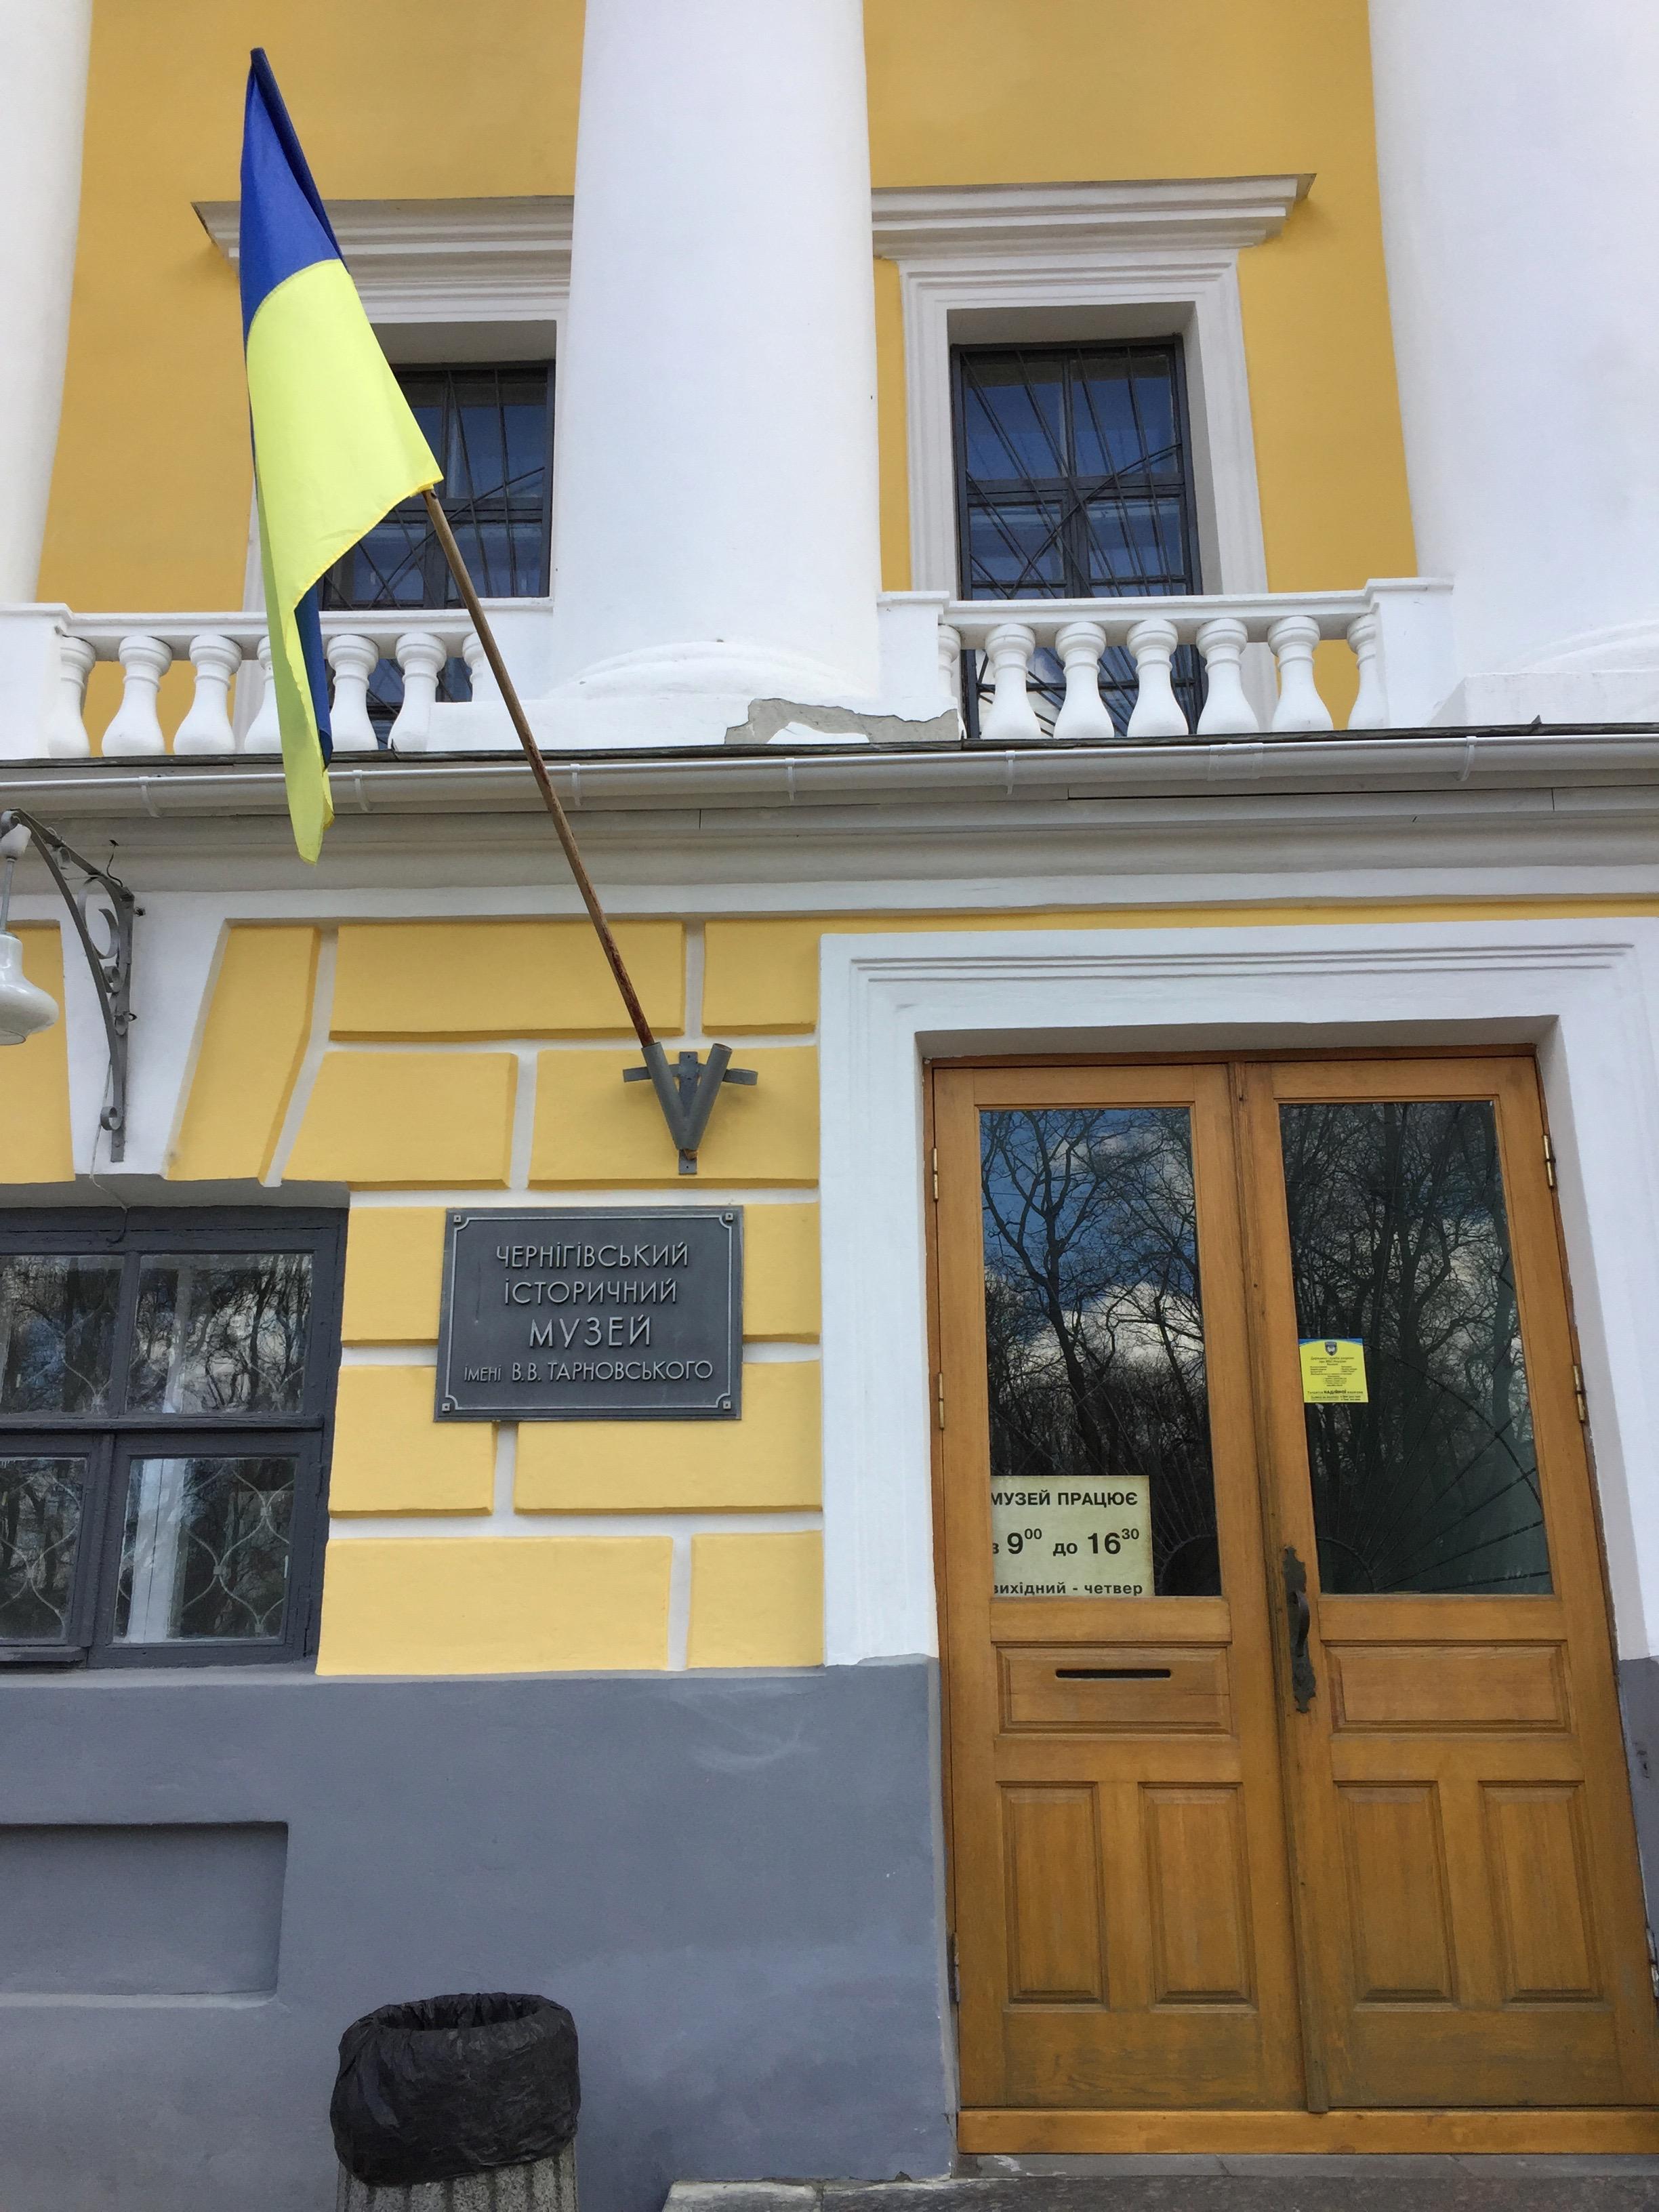 チェルニーヒウ歴史博物館